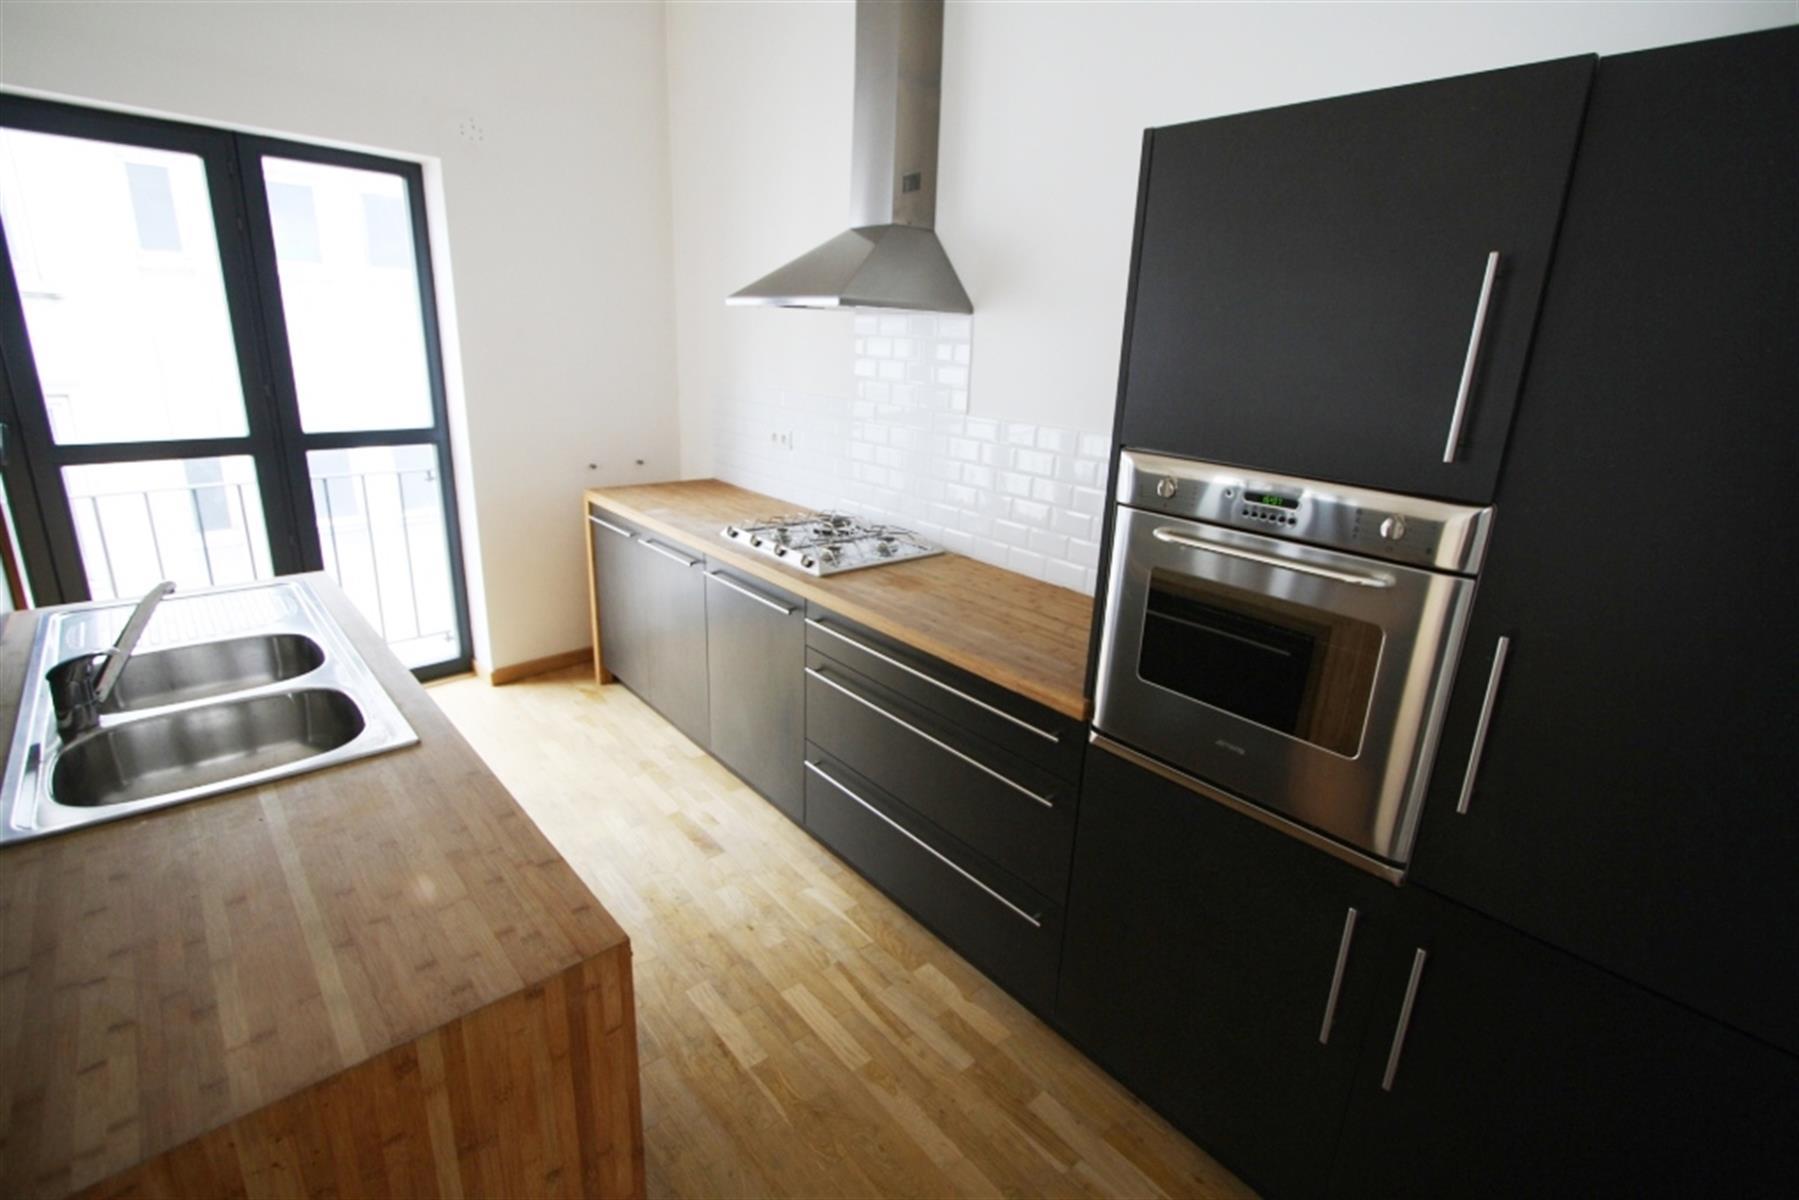 Duplex - Ixelles - #4343845-4